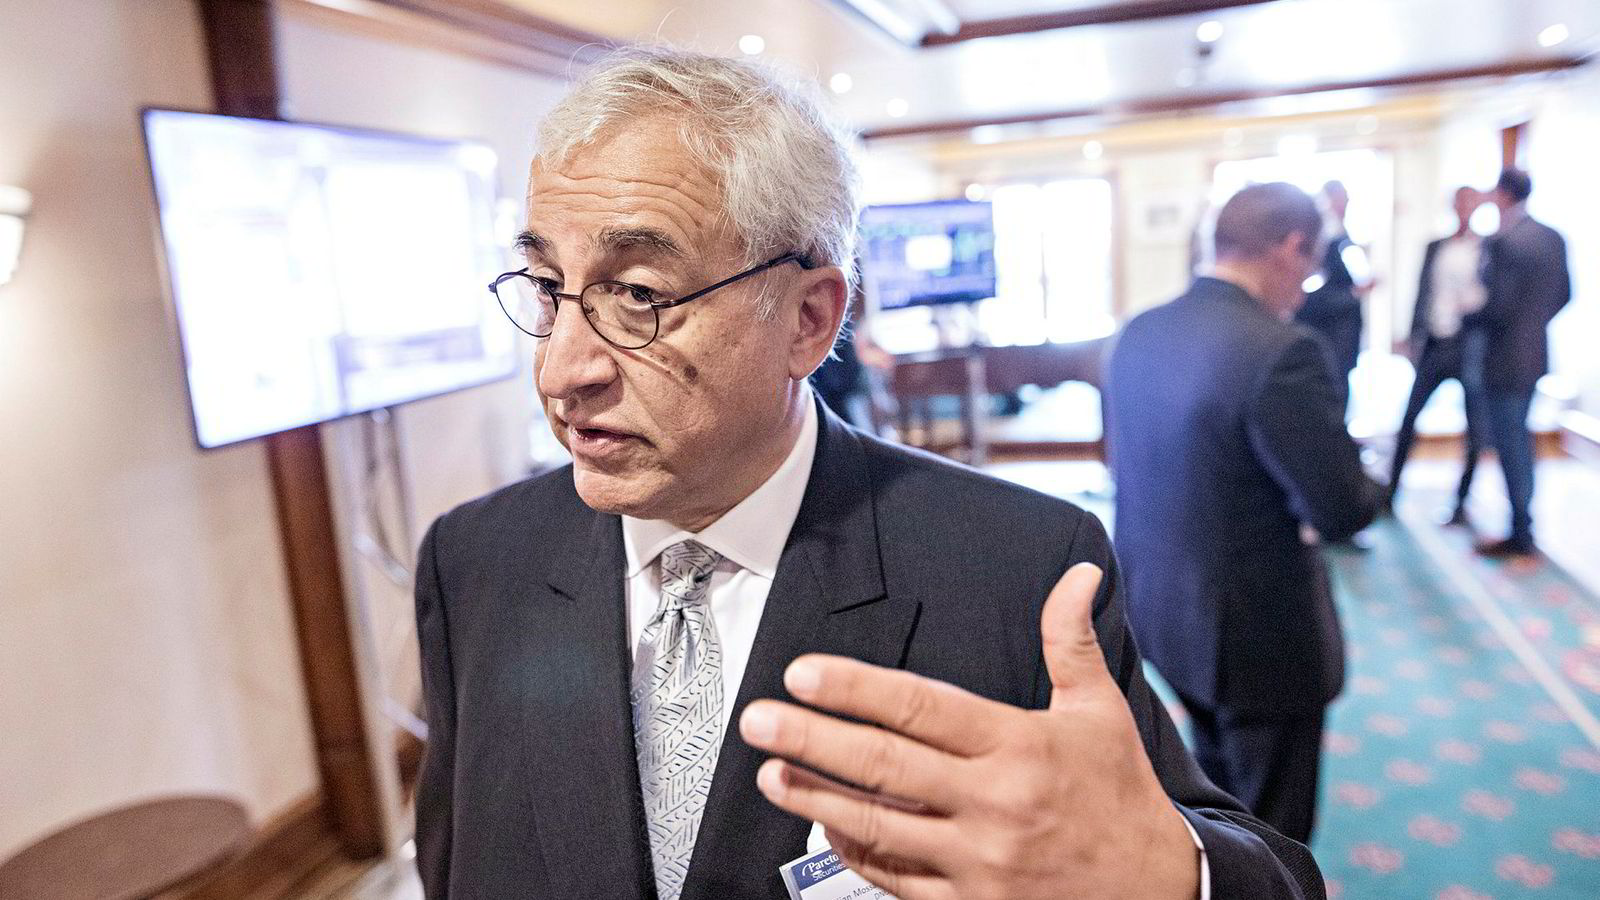 Styreleder og storeier Bijan Mossavar-Rahmani i DNO har lagt inn bud på oljekonkurrenten Faroe. Han ønsker ikke selv å kommentere på Faroes nye byttehandel.